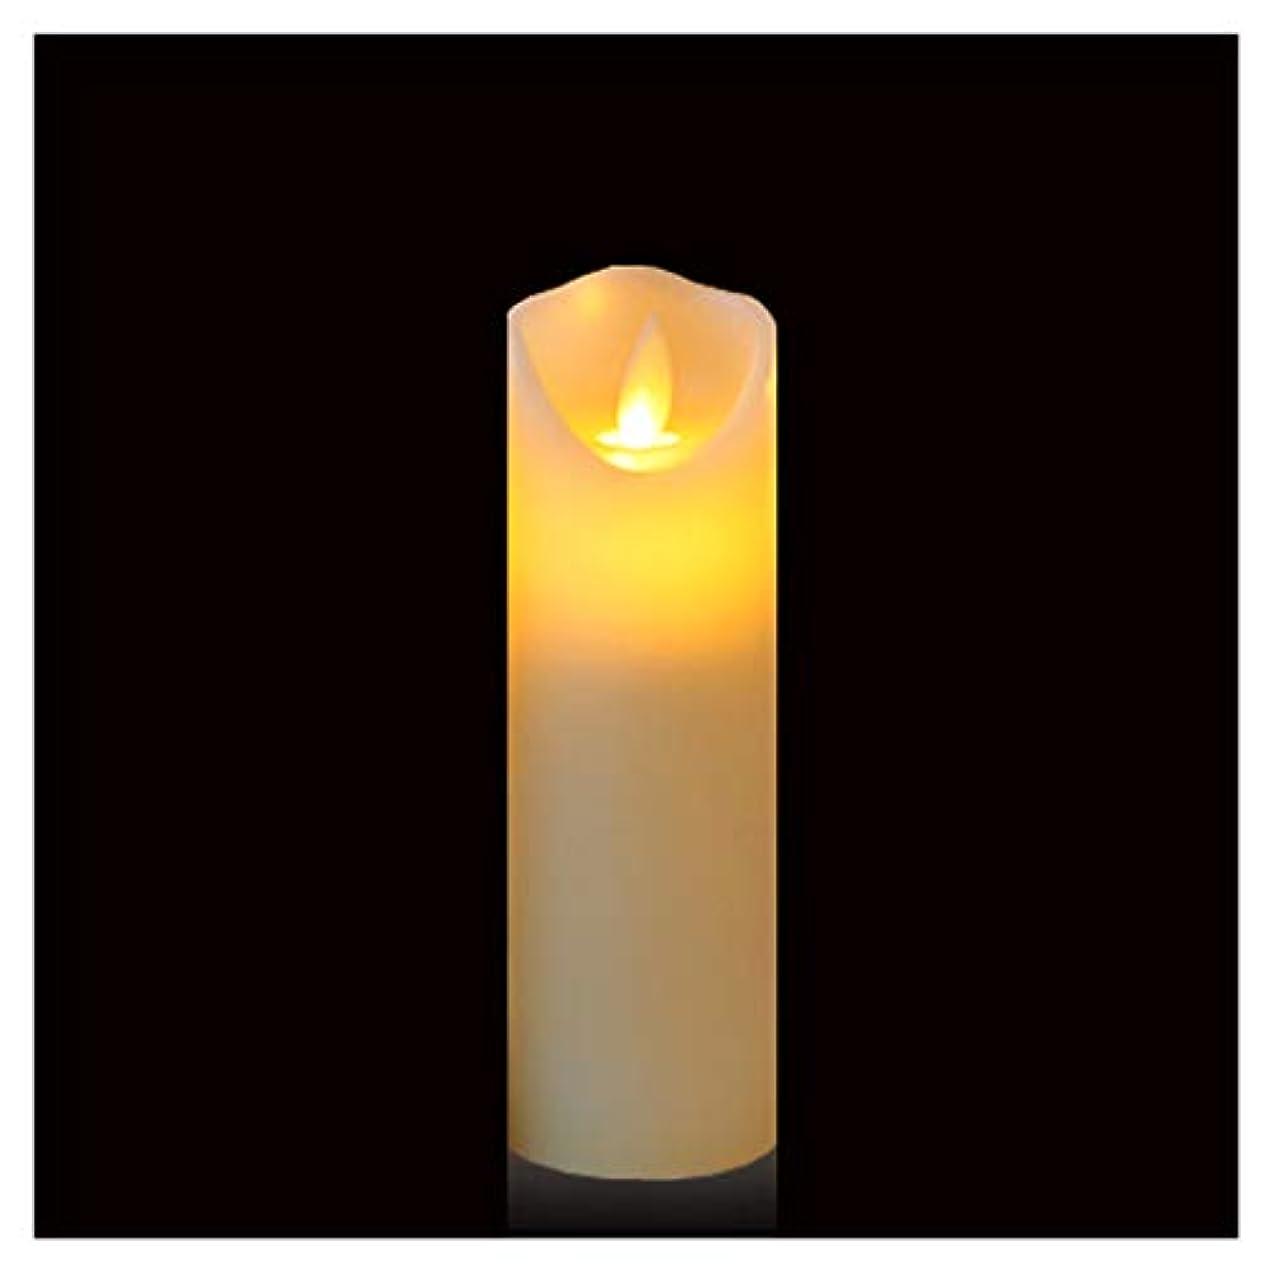 開発する常に販売員Gootu 火を使わないキャンドル 単3電池式 LEDピラーキャンドル 本物のロウ 揺らめく無香キャンドル 電子キャンドル レストランシーンキャンドル 誕生日パーティーキャンドル ホワイト H6